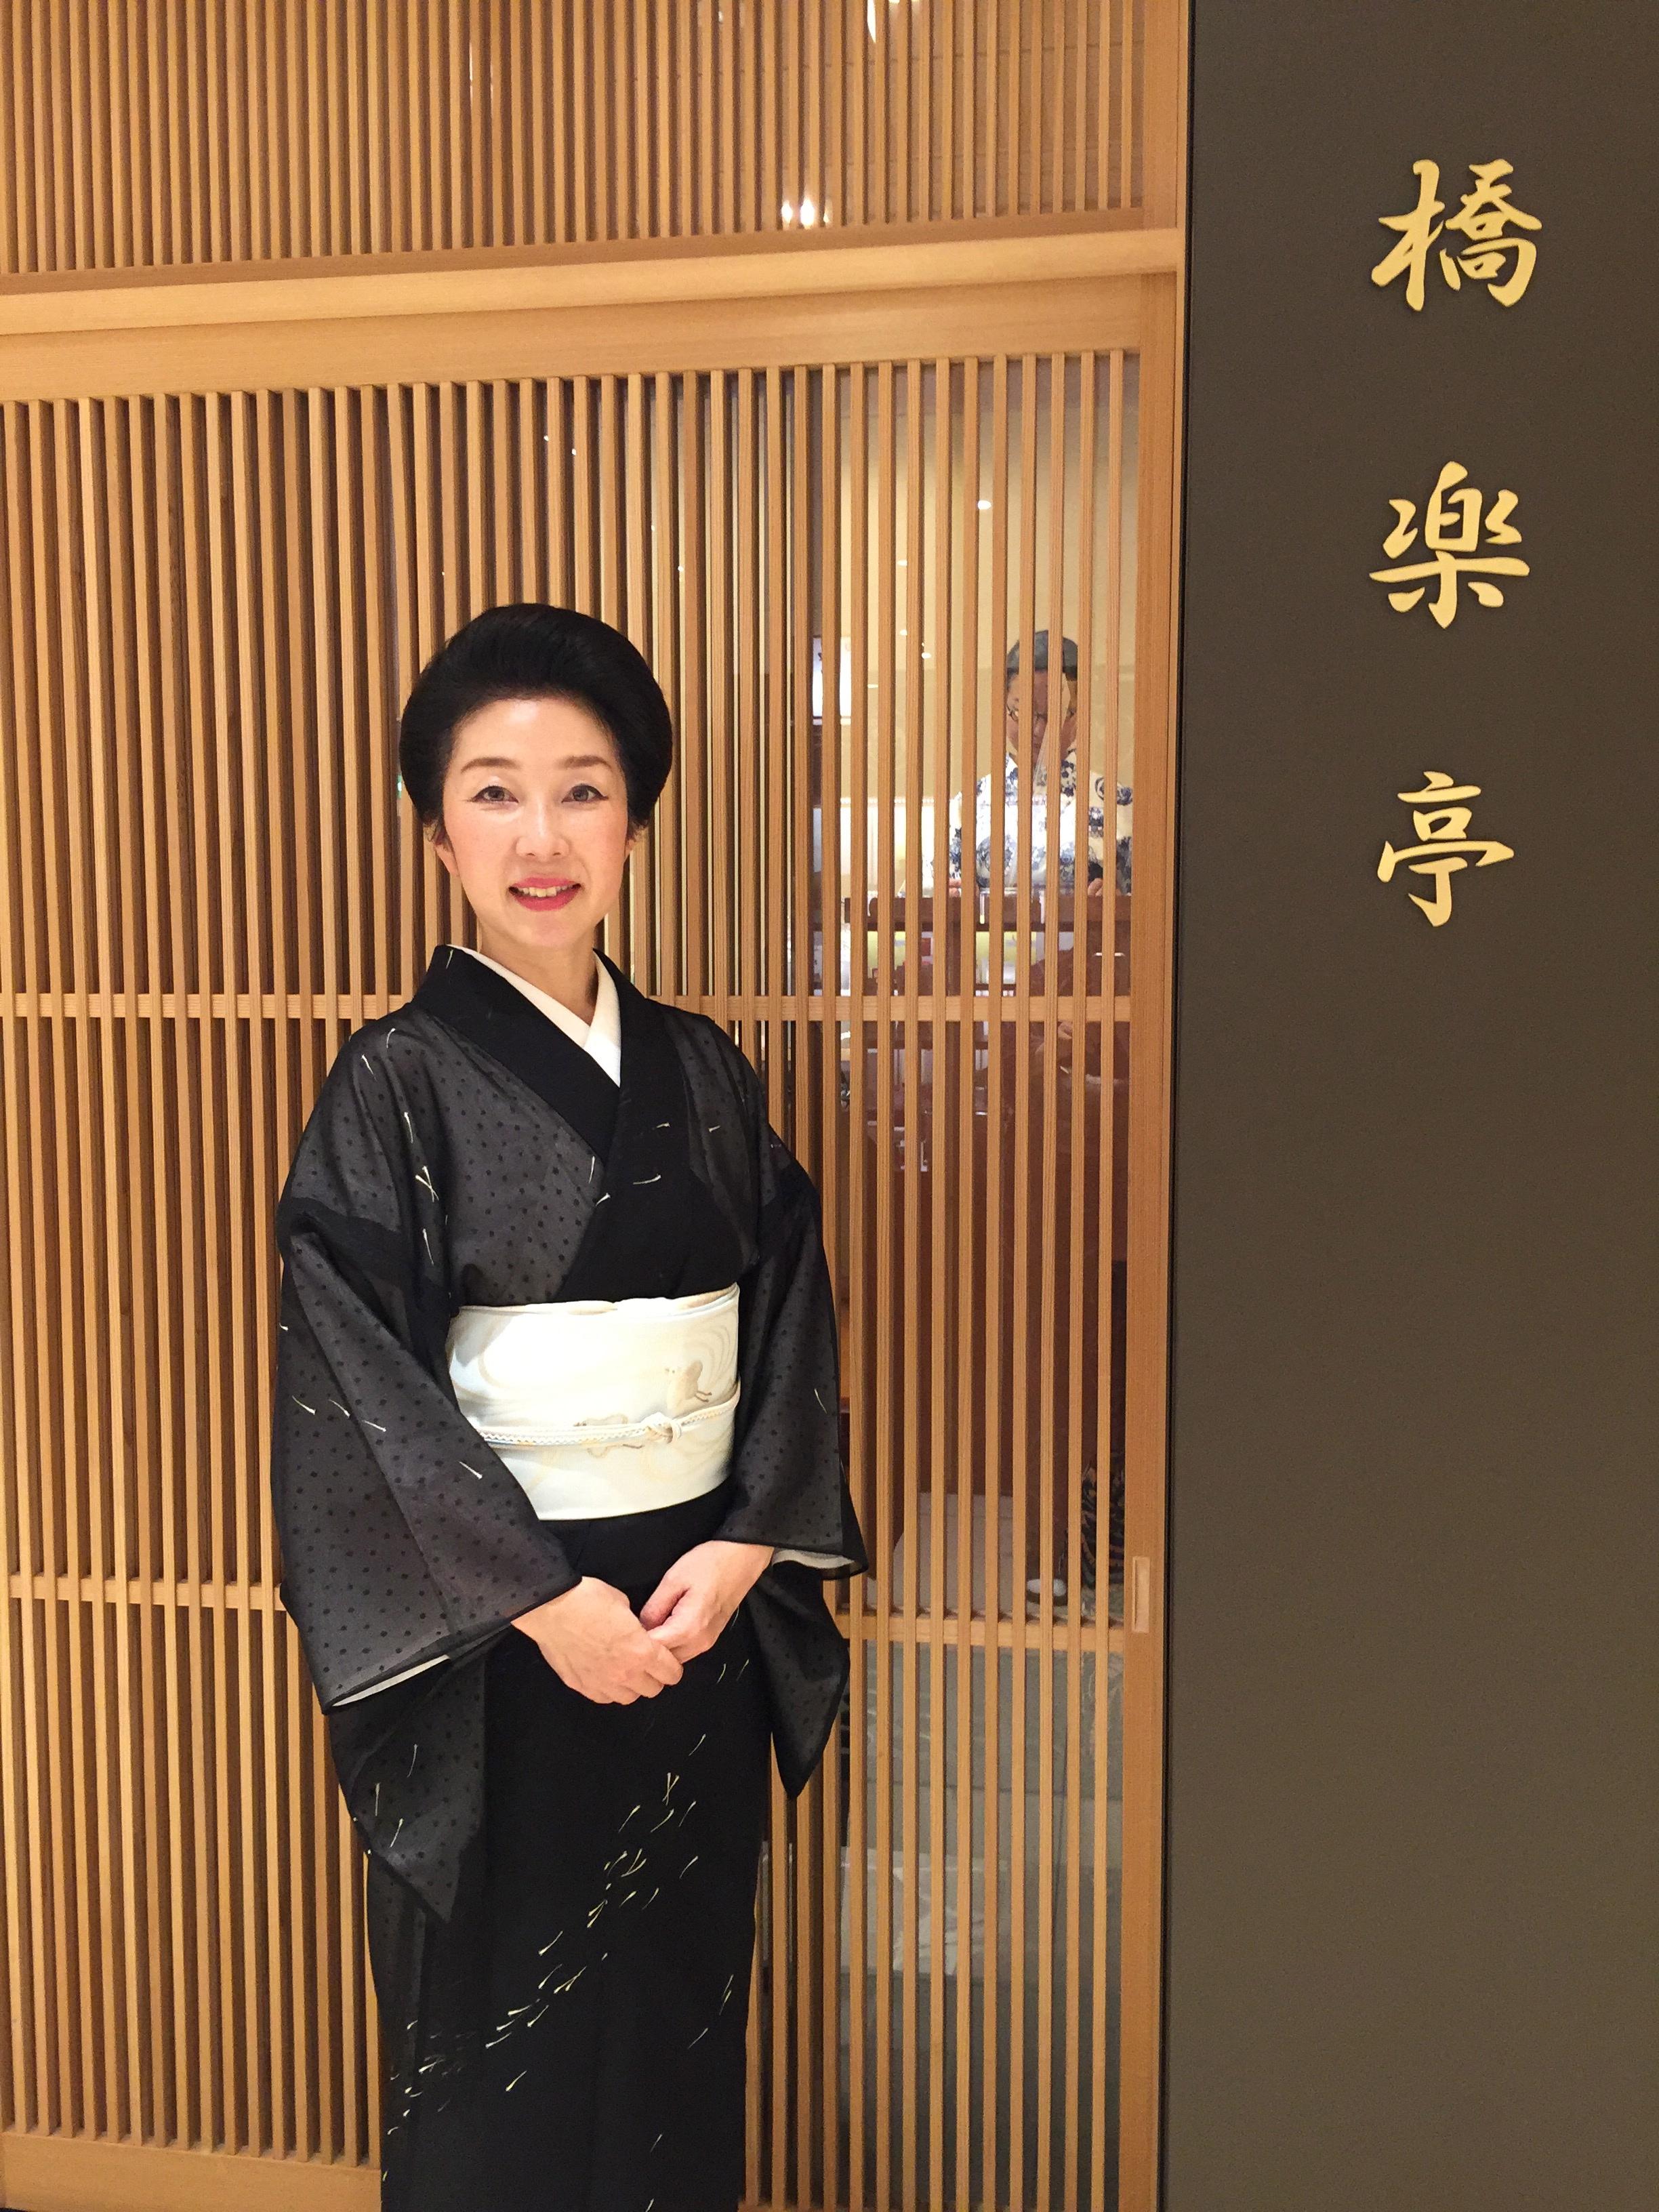 きもの所作講座をしてまいりました!東京・日本橋「お江戸日本橋夏稽古」